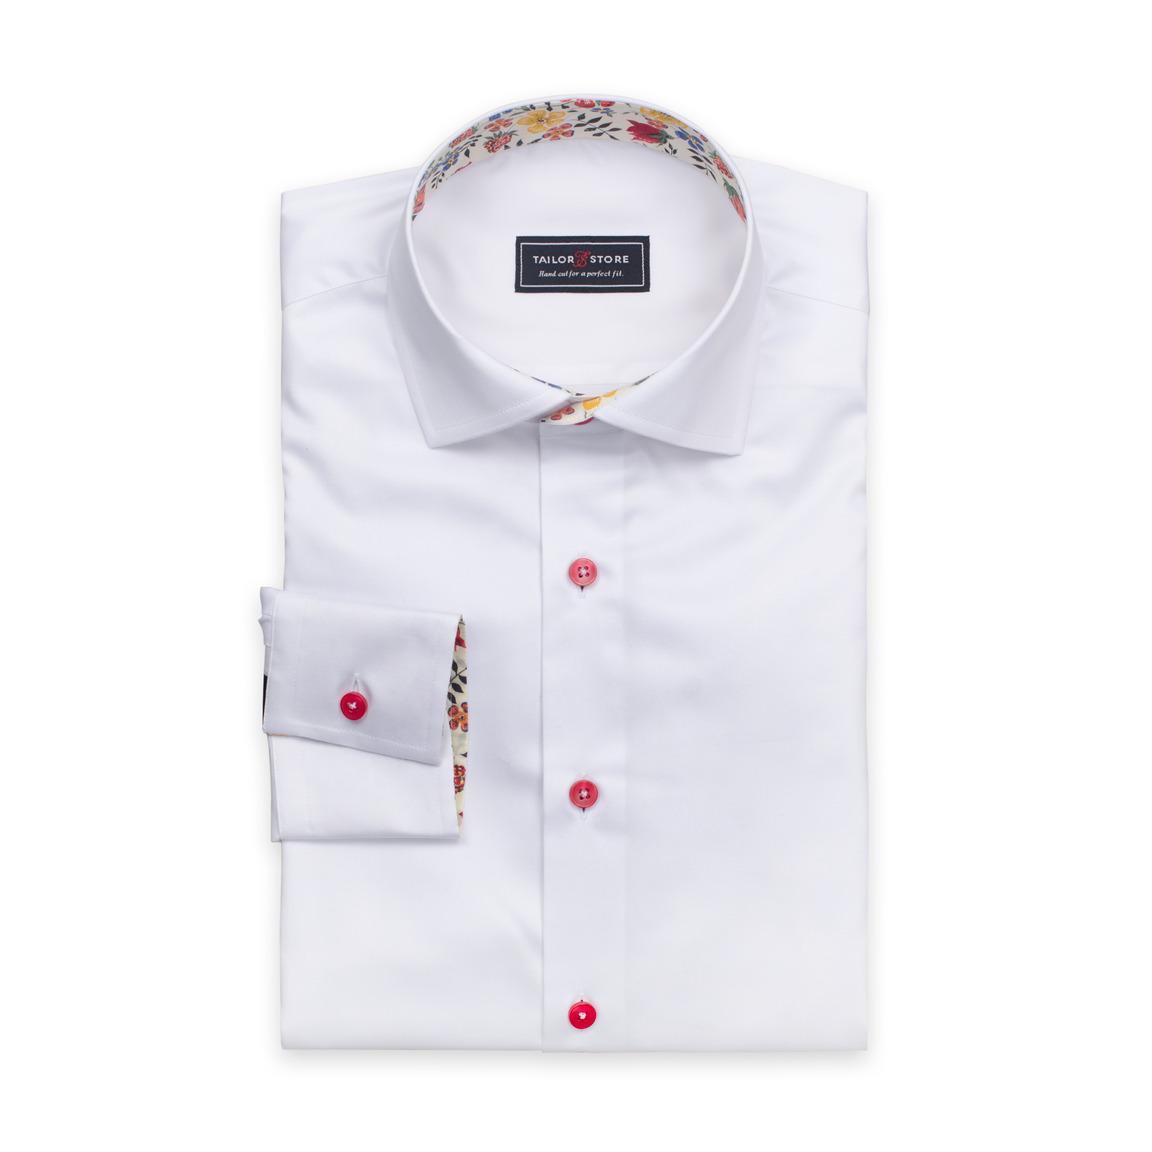 Weißes Hemd mit roten Knöpfen und Kontrasten